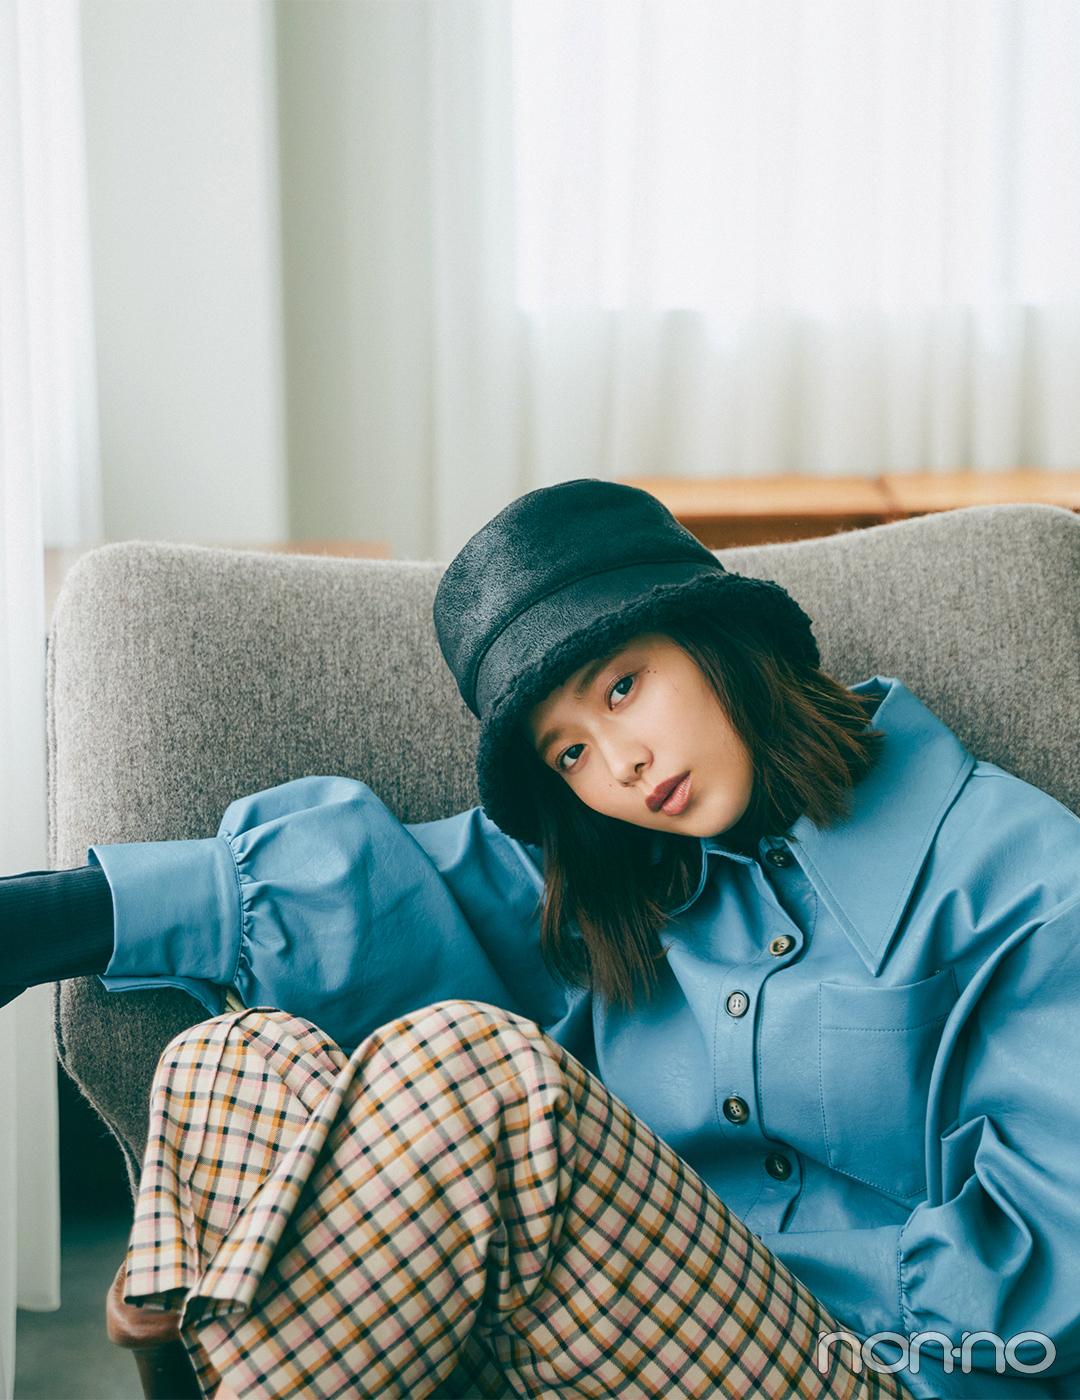 渡邉理佐ははっと目を惹くブルーのシャツで冬コーデをリフレッシュ【毎日コーデ】